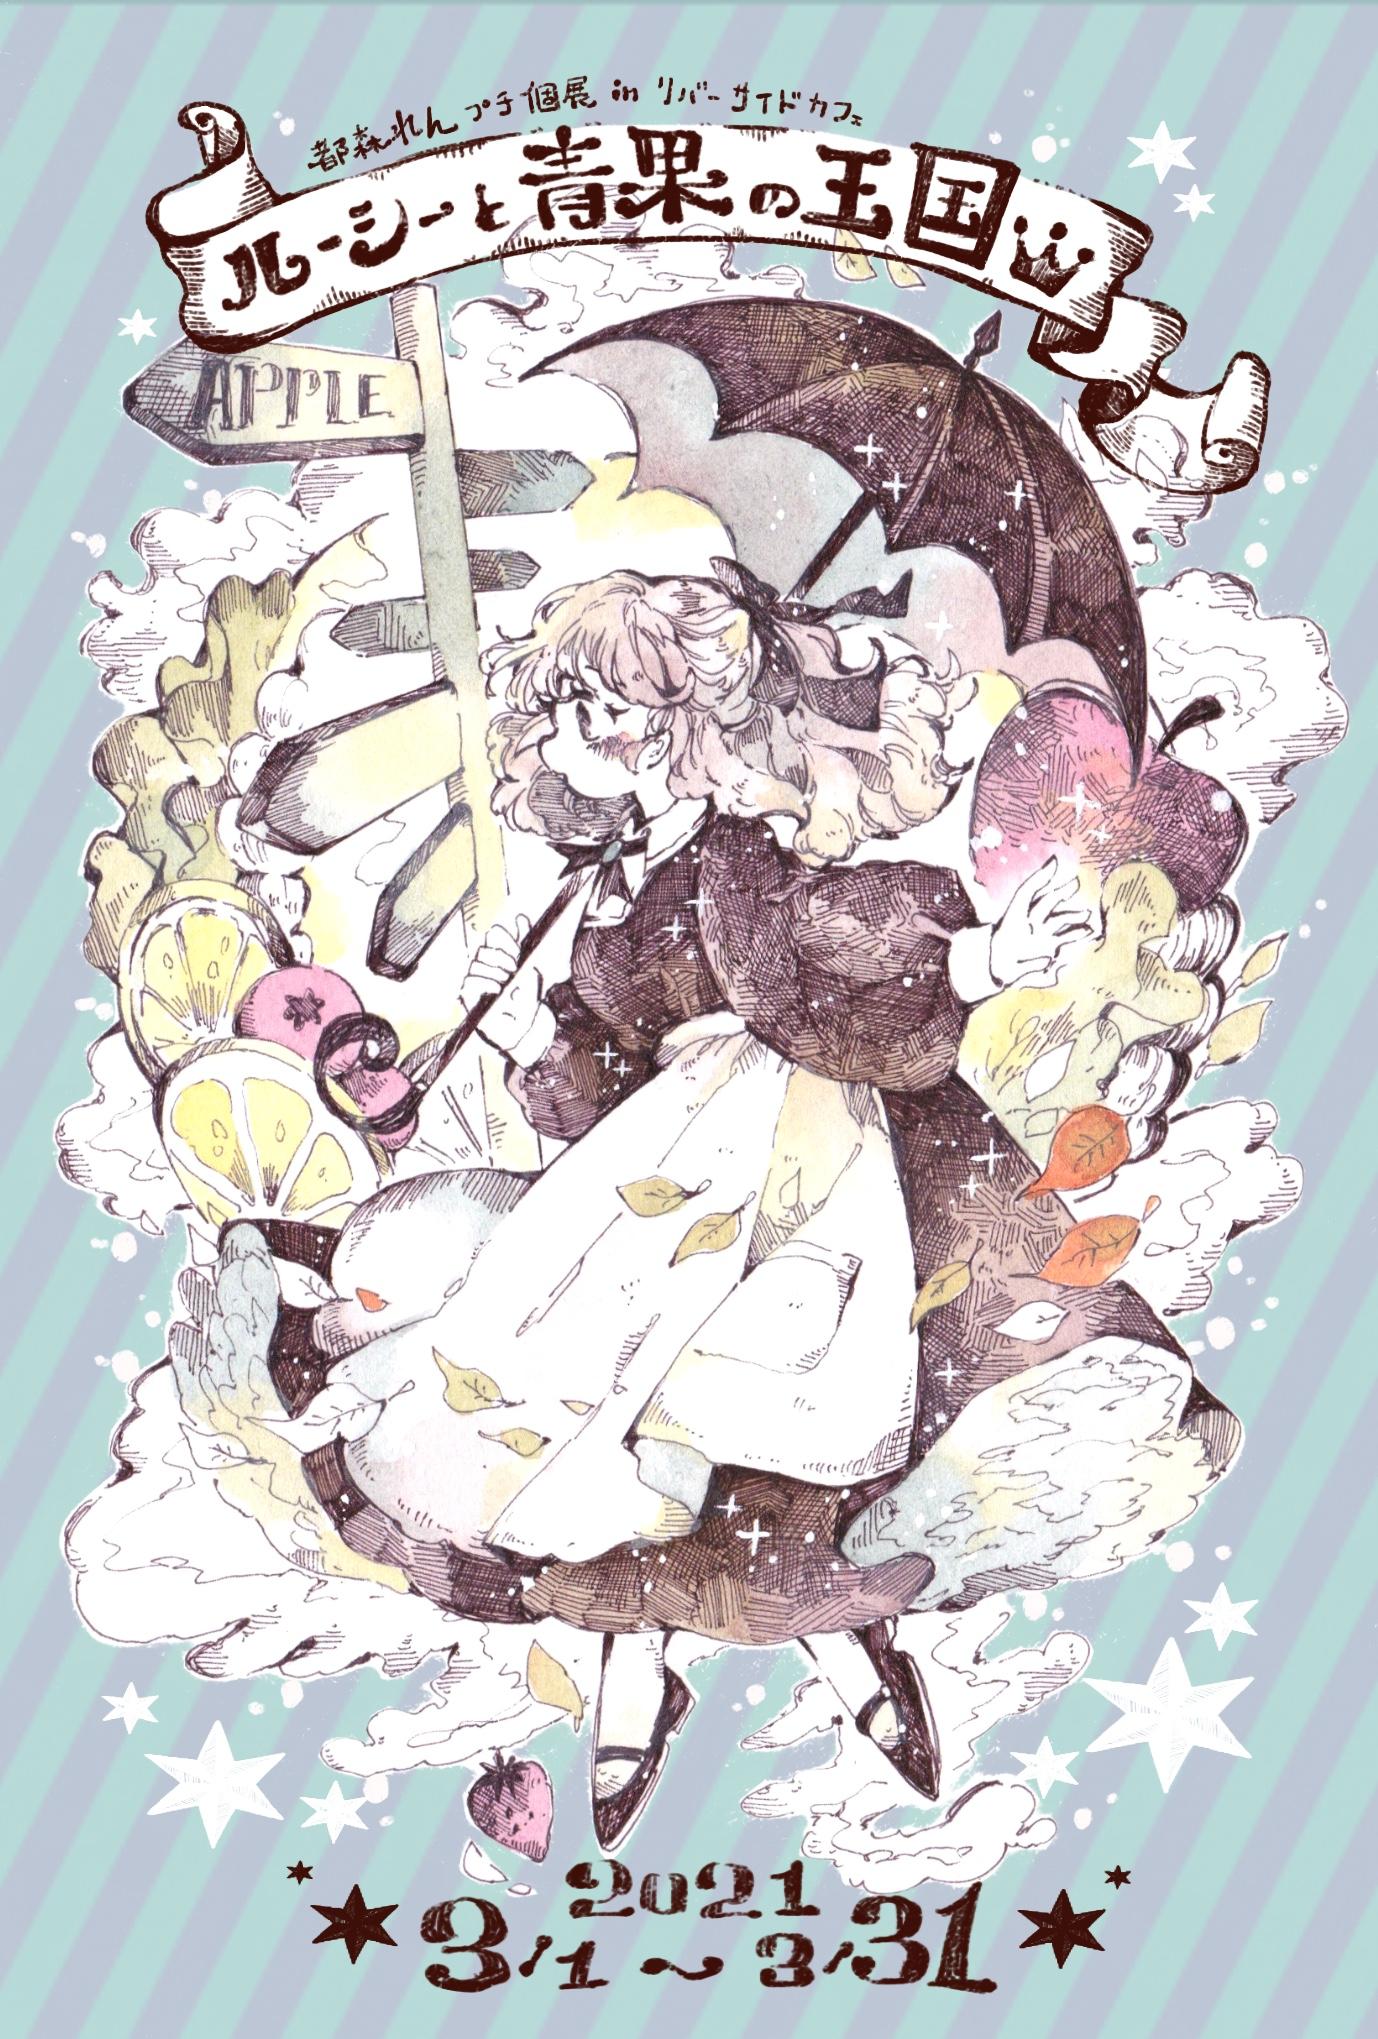 都森れん プチ個展 「ルーシーと青果の王国」 3/1-3/31